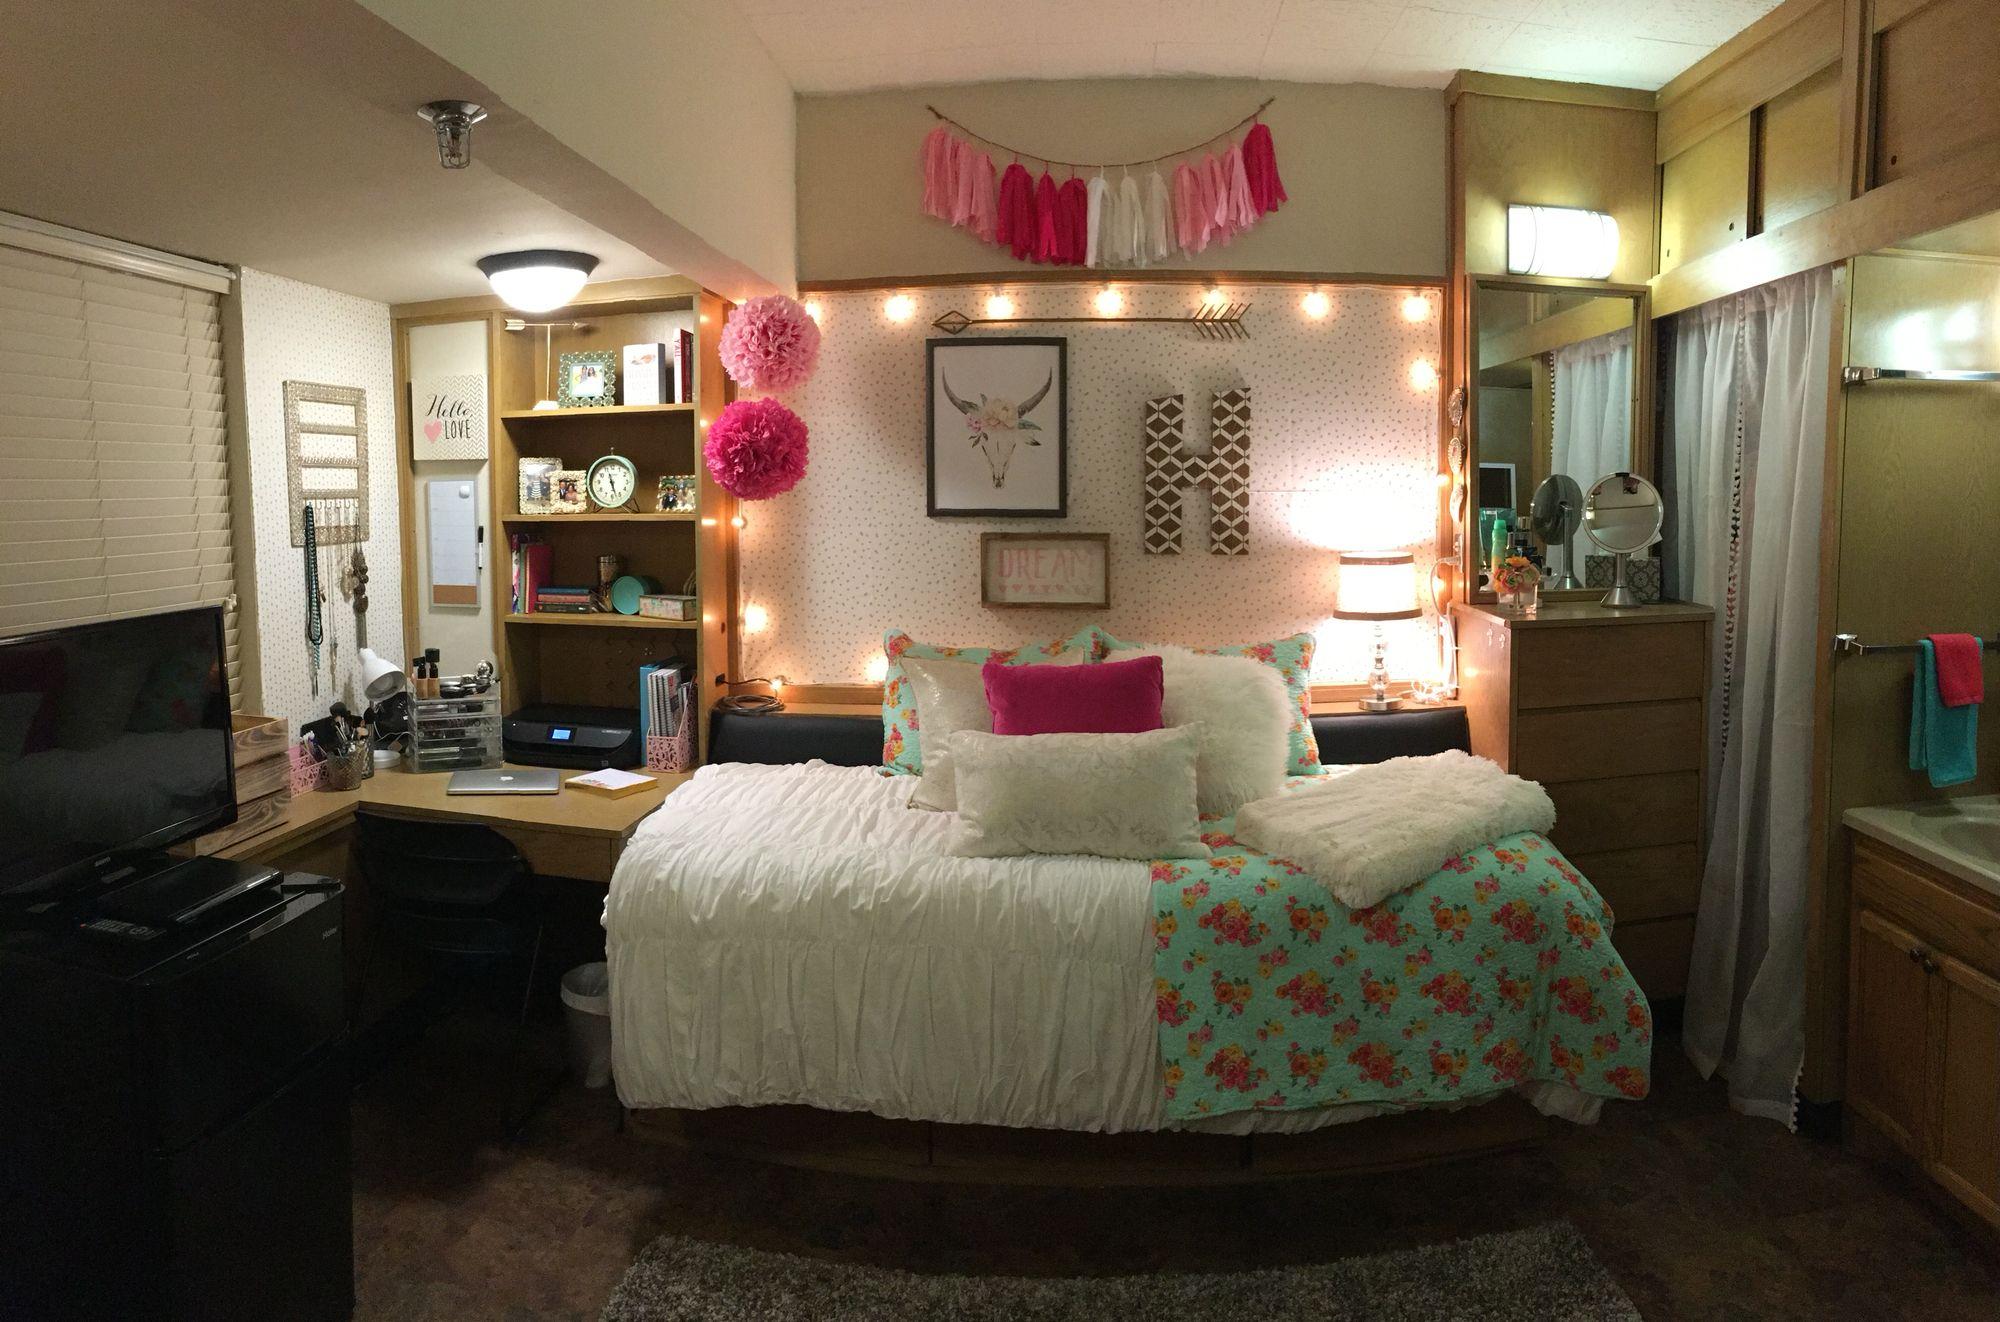 Texas tech dorm room college pinterest habitaciones for Decorar habitacion residencia universitaria